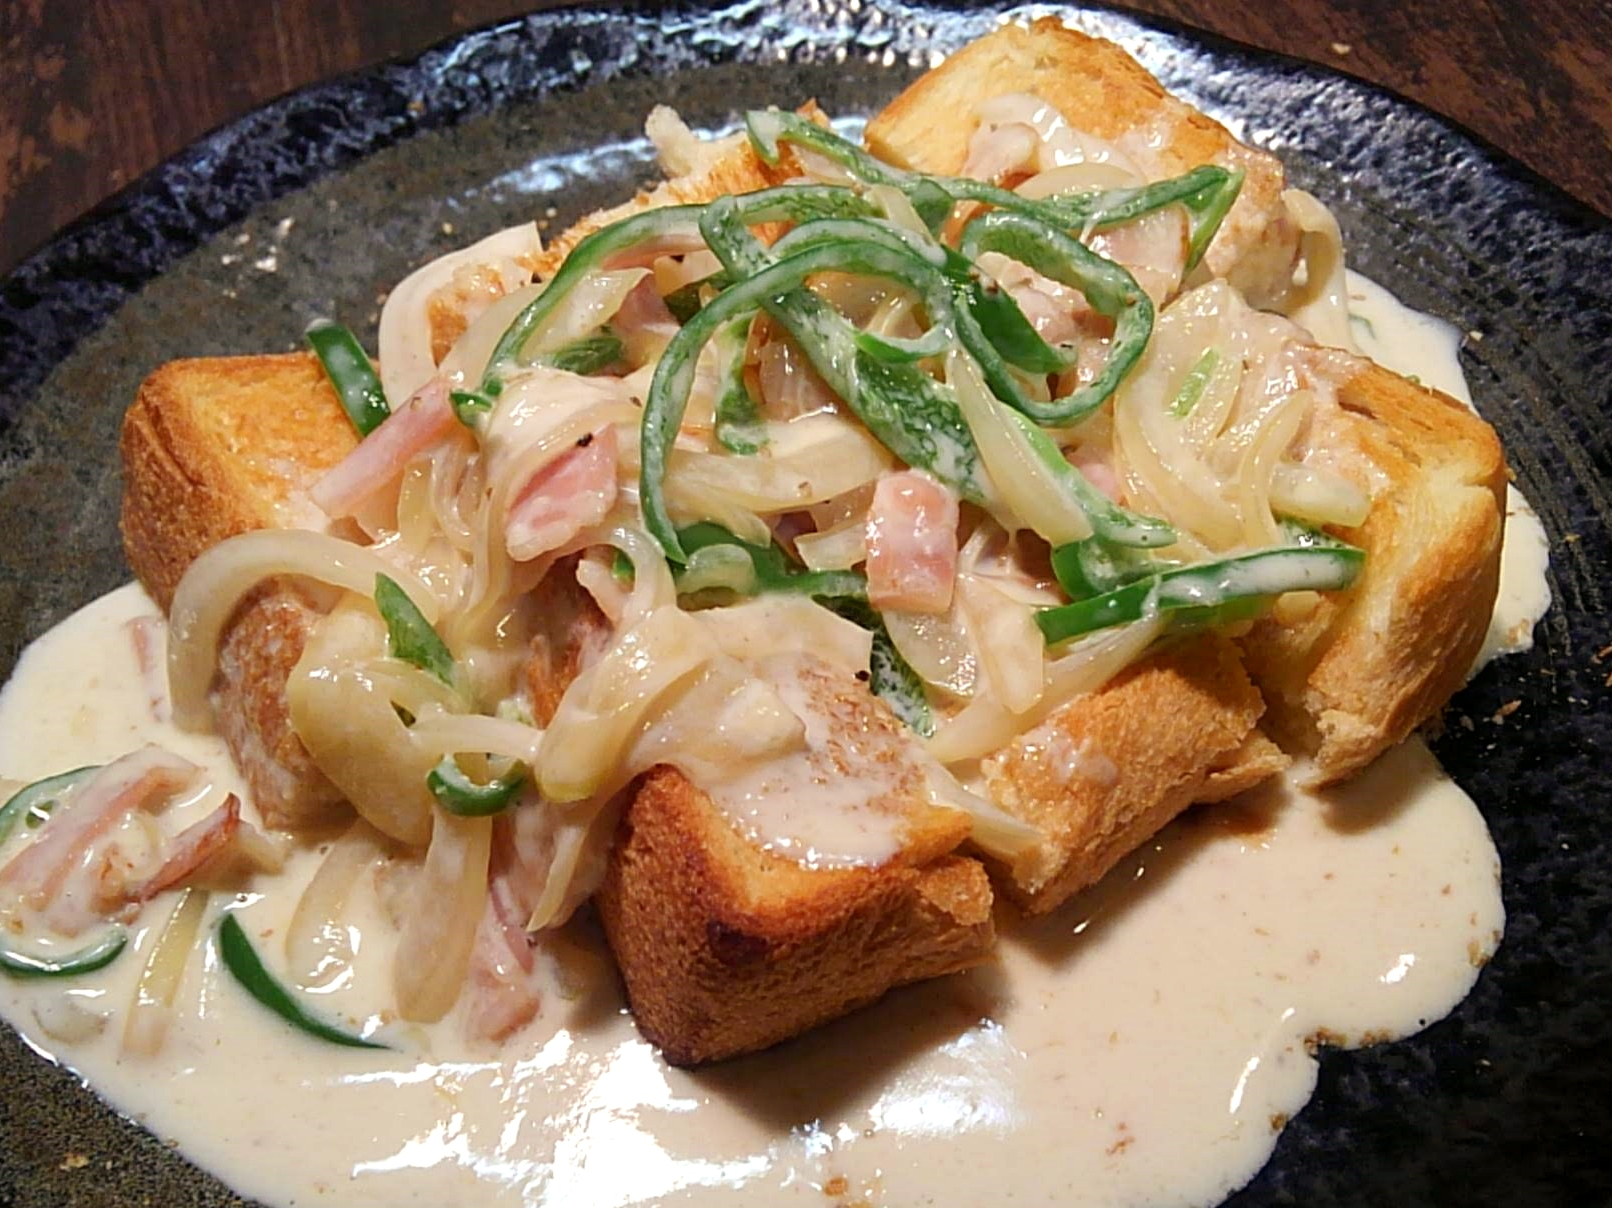 レシピ|名古屋ご当地喫茶店チェーンの味!「カルボトースト」